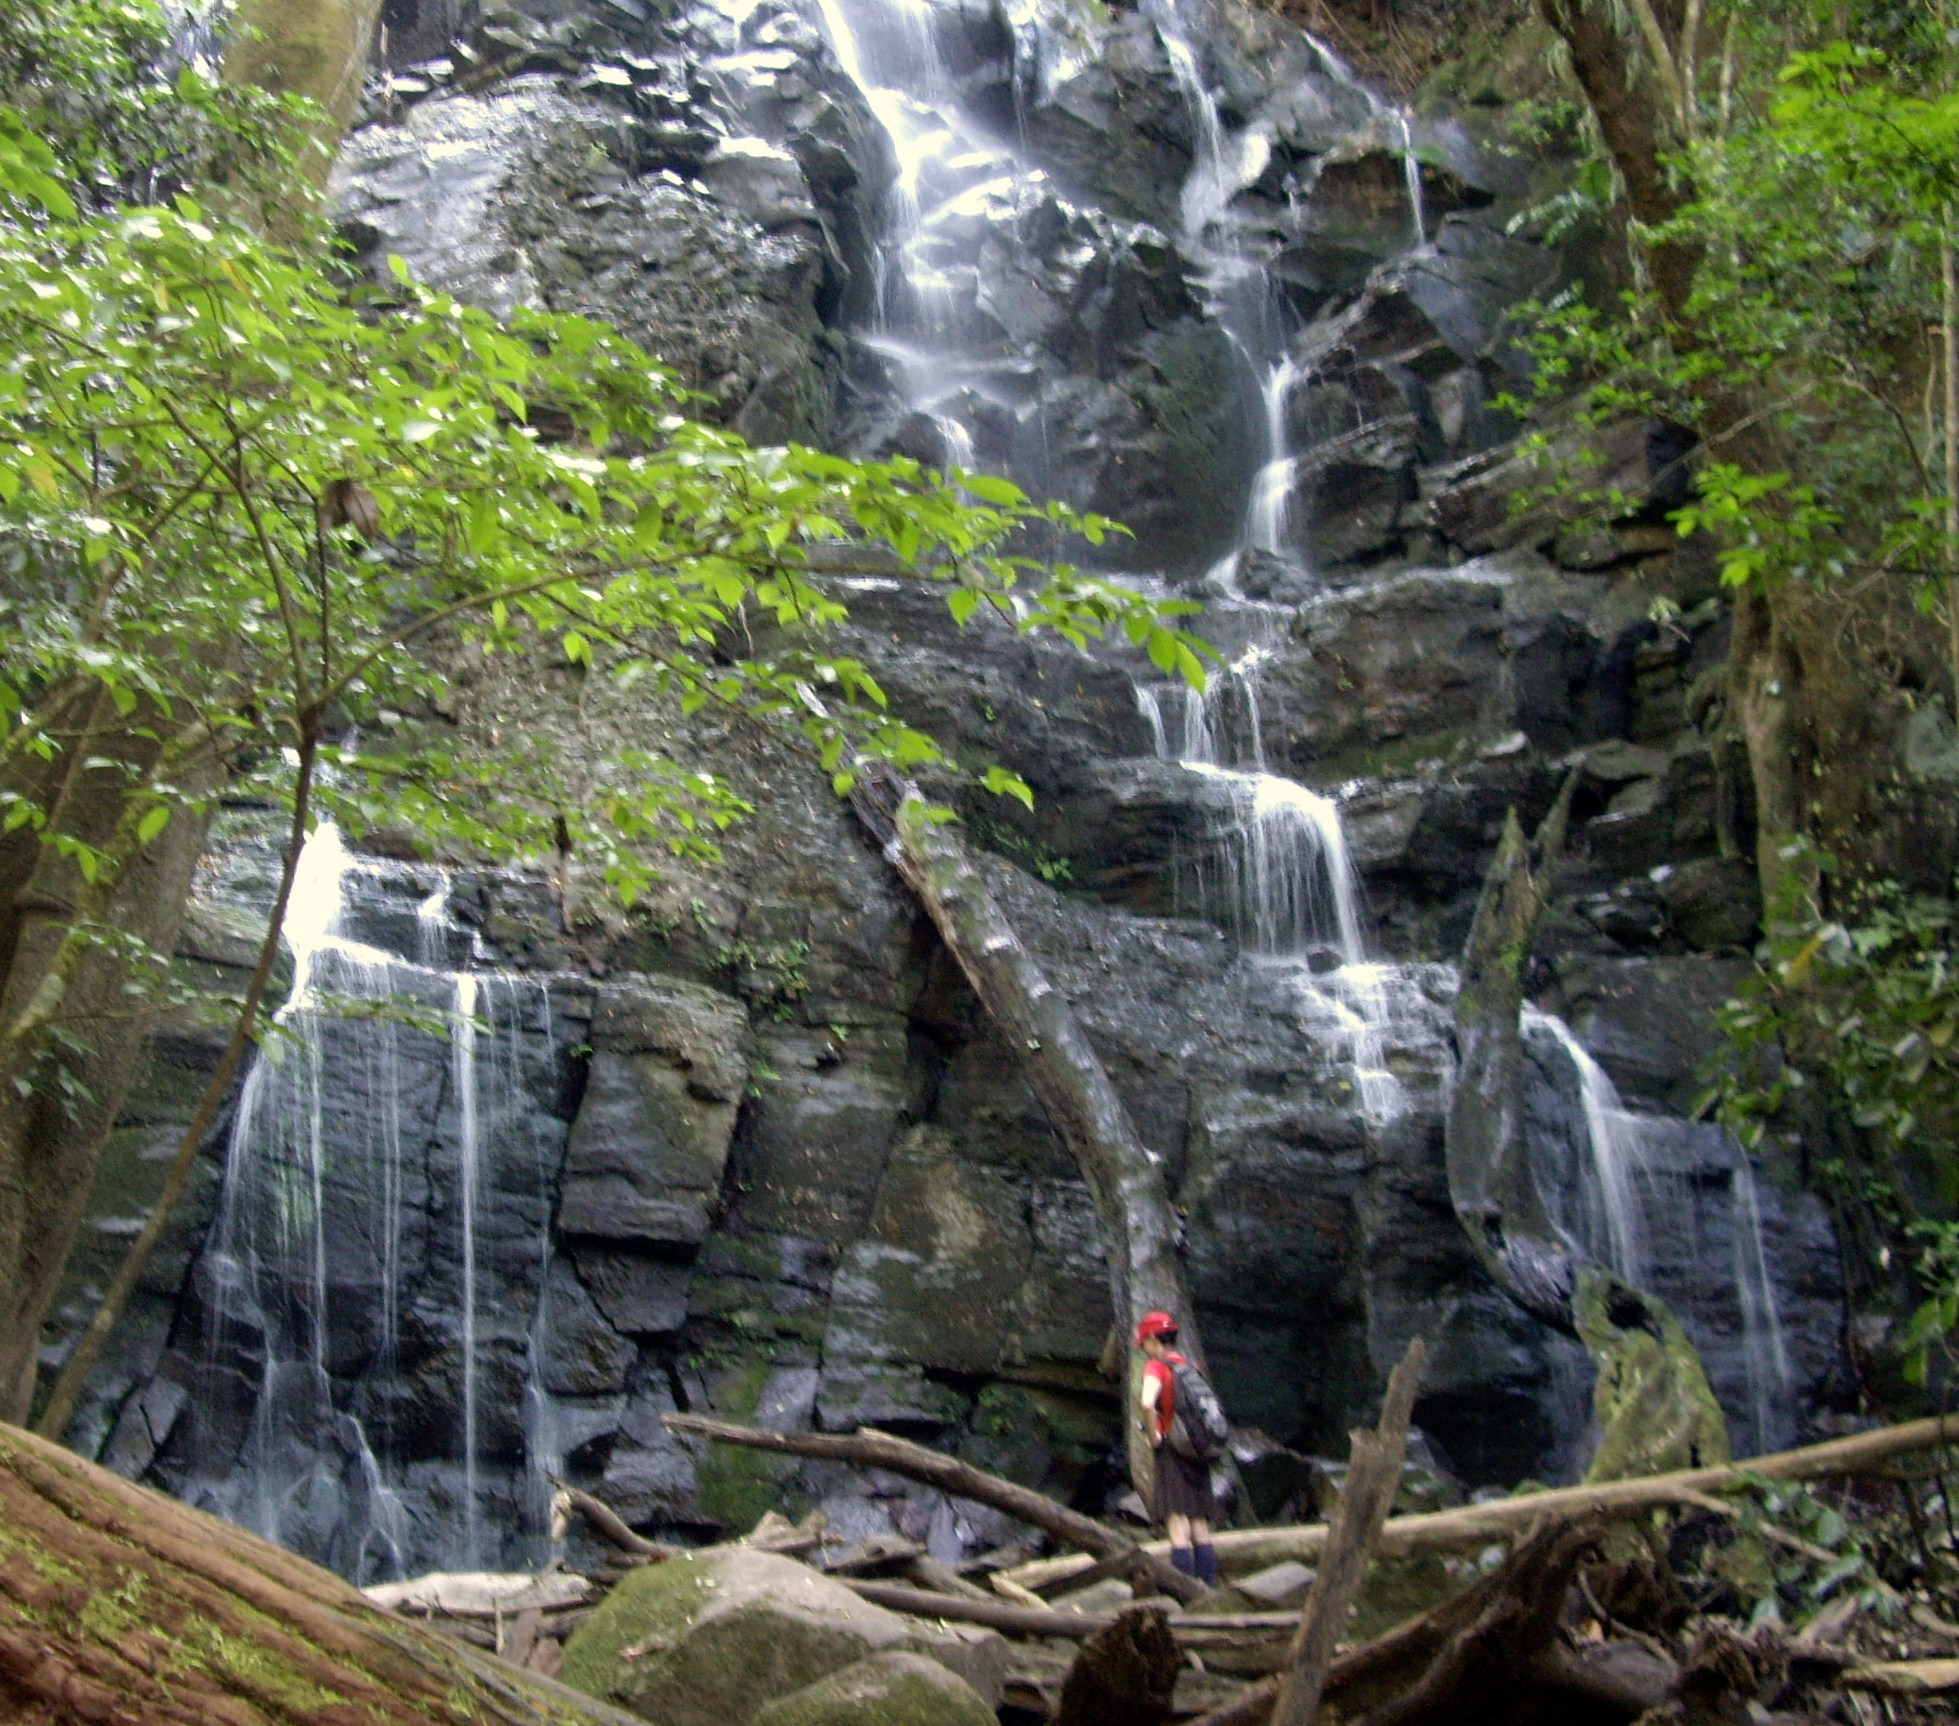 měřítko - já a vodopád, Rincon de la Vieja